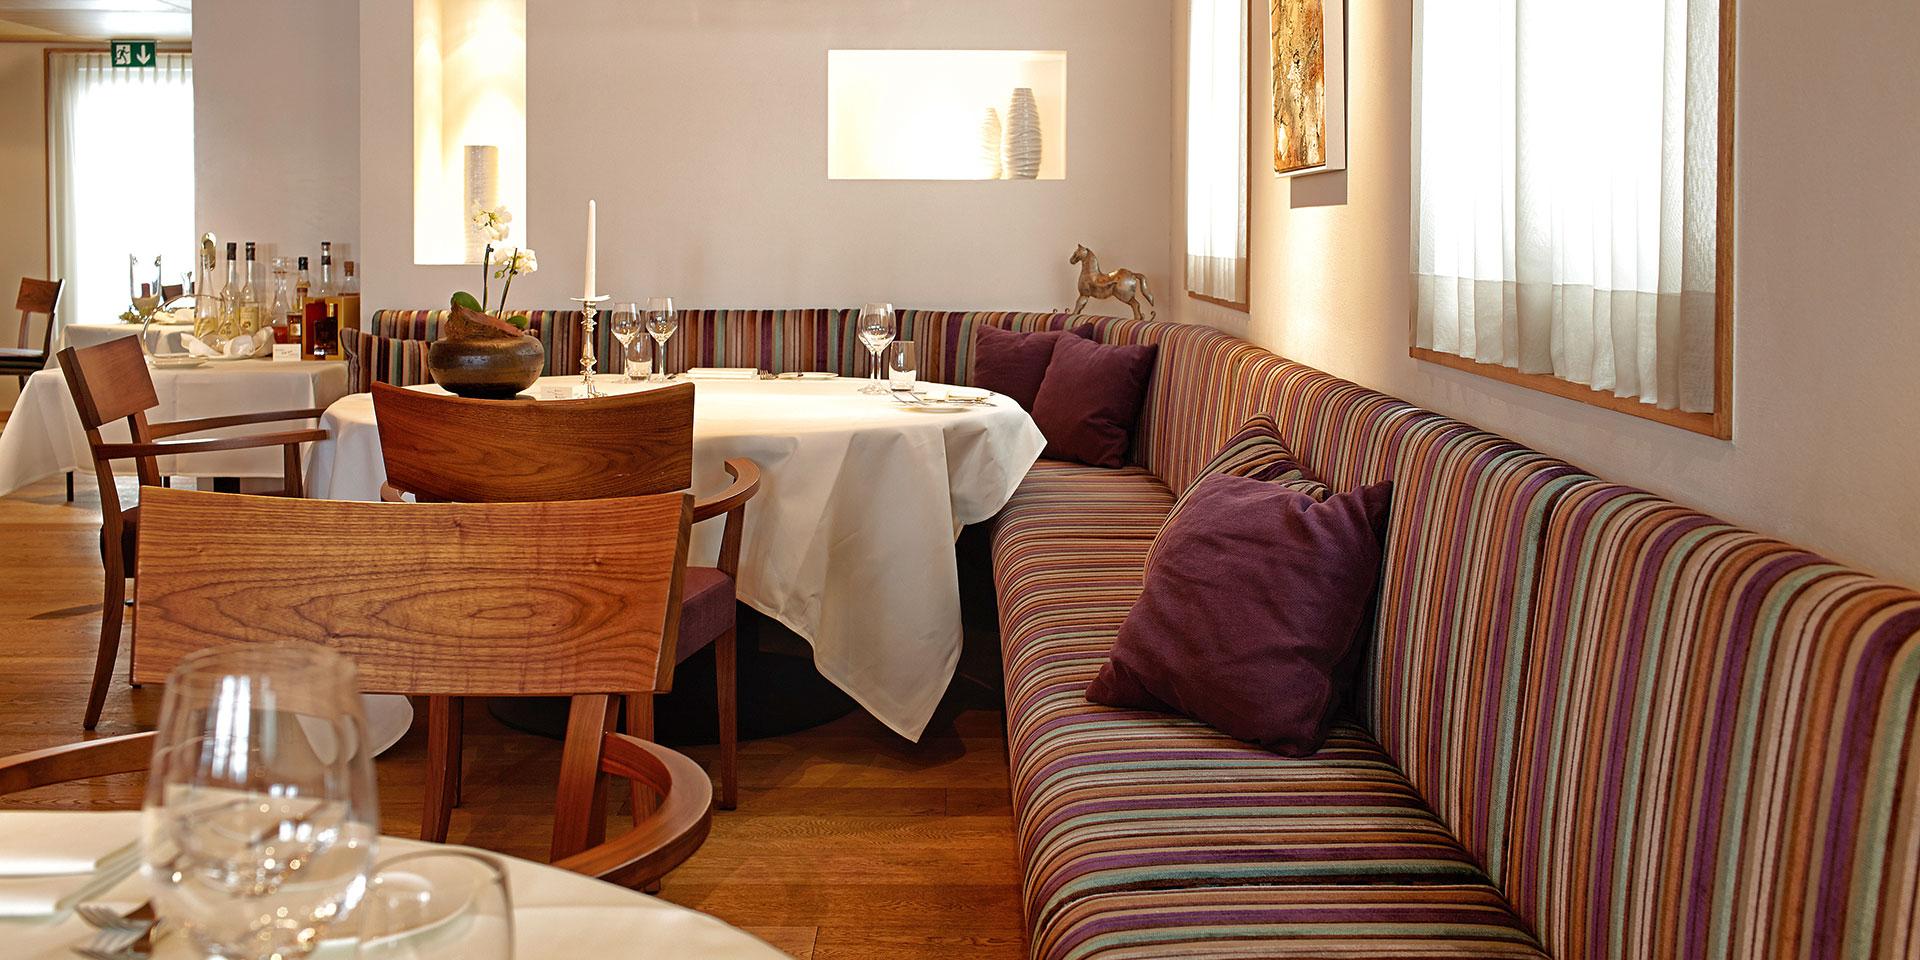 polster factory d pp polsterm bel polsterm bel d pp polsterm bel polstergruppe neu beziehen. Black Bedroom Furniture Sets. Home Design Ideas